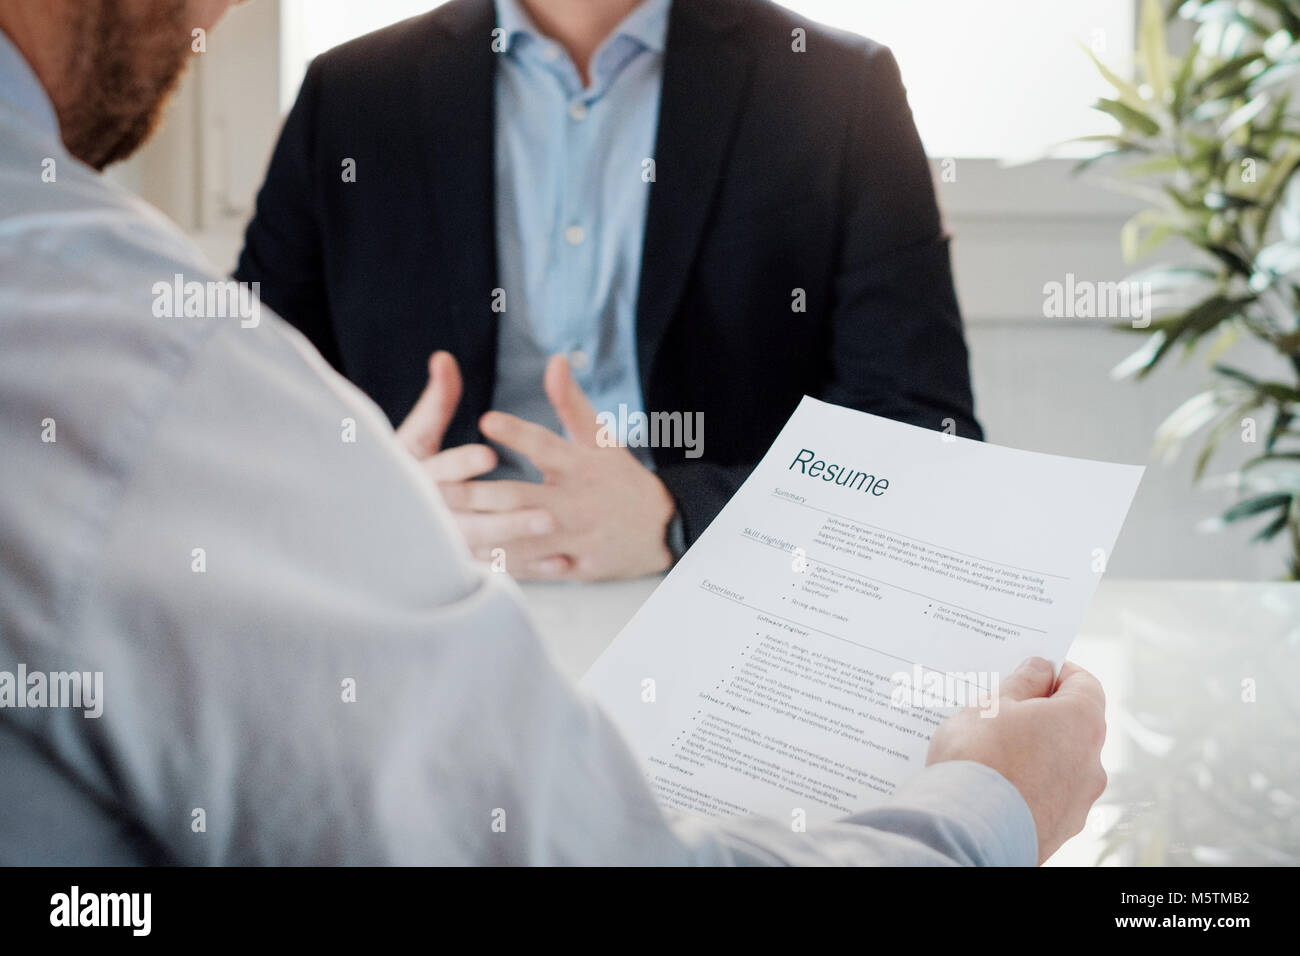 Reclutador leer currículum de un candidato a un puesto de trabajo Imagen De Stock